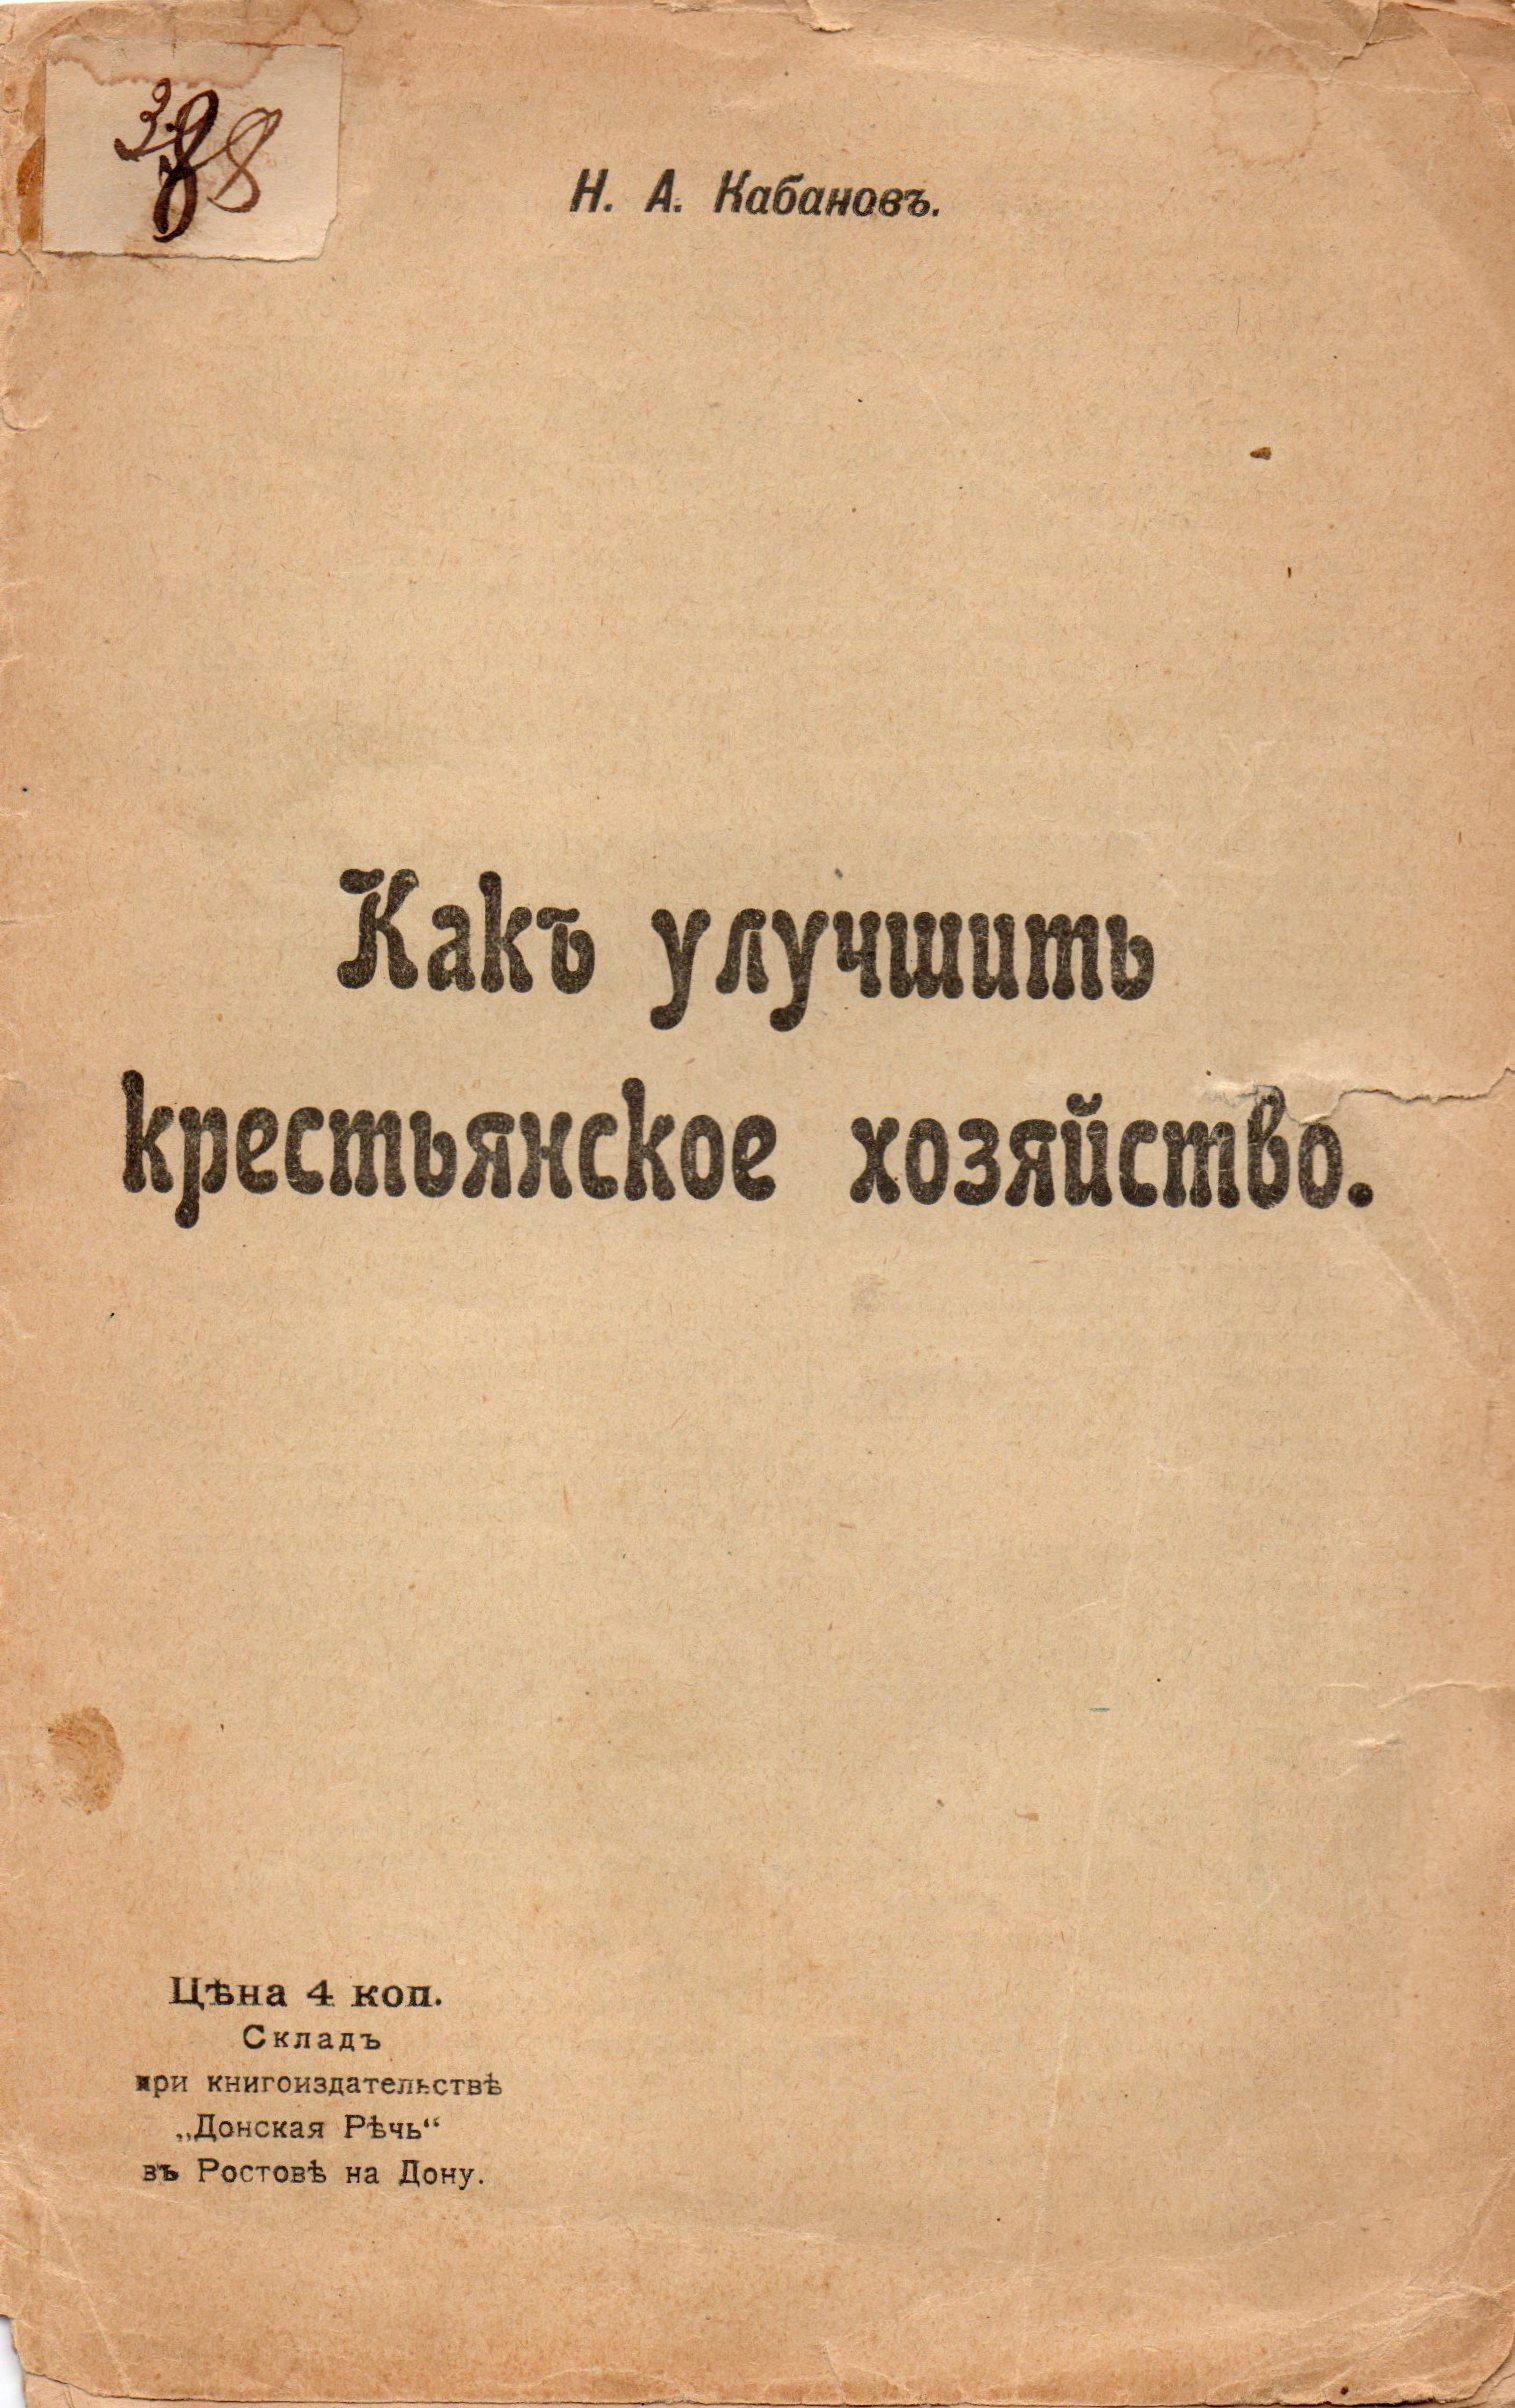 """Книга """"Кабанов Н. А. """"Какъ улучшить крестьянское хозяйство"""""""